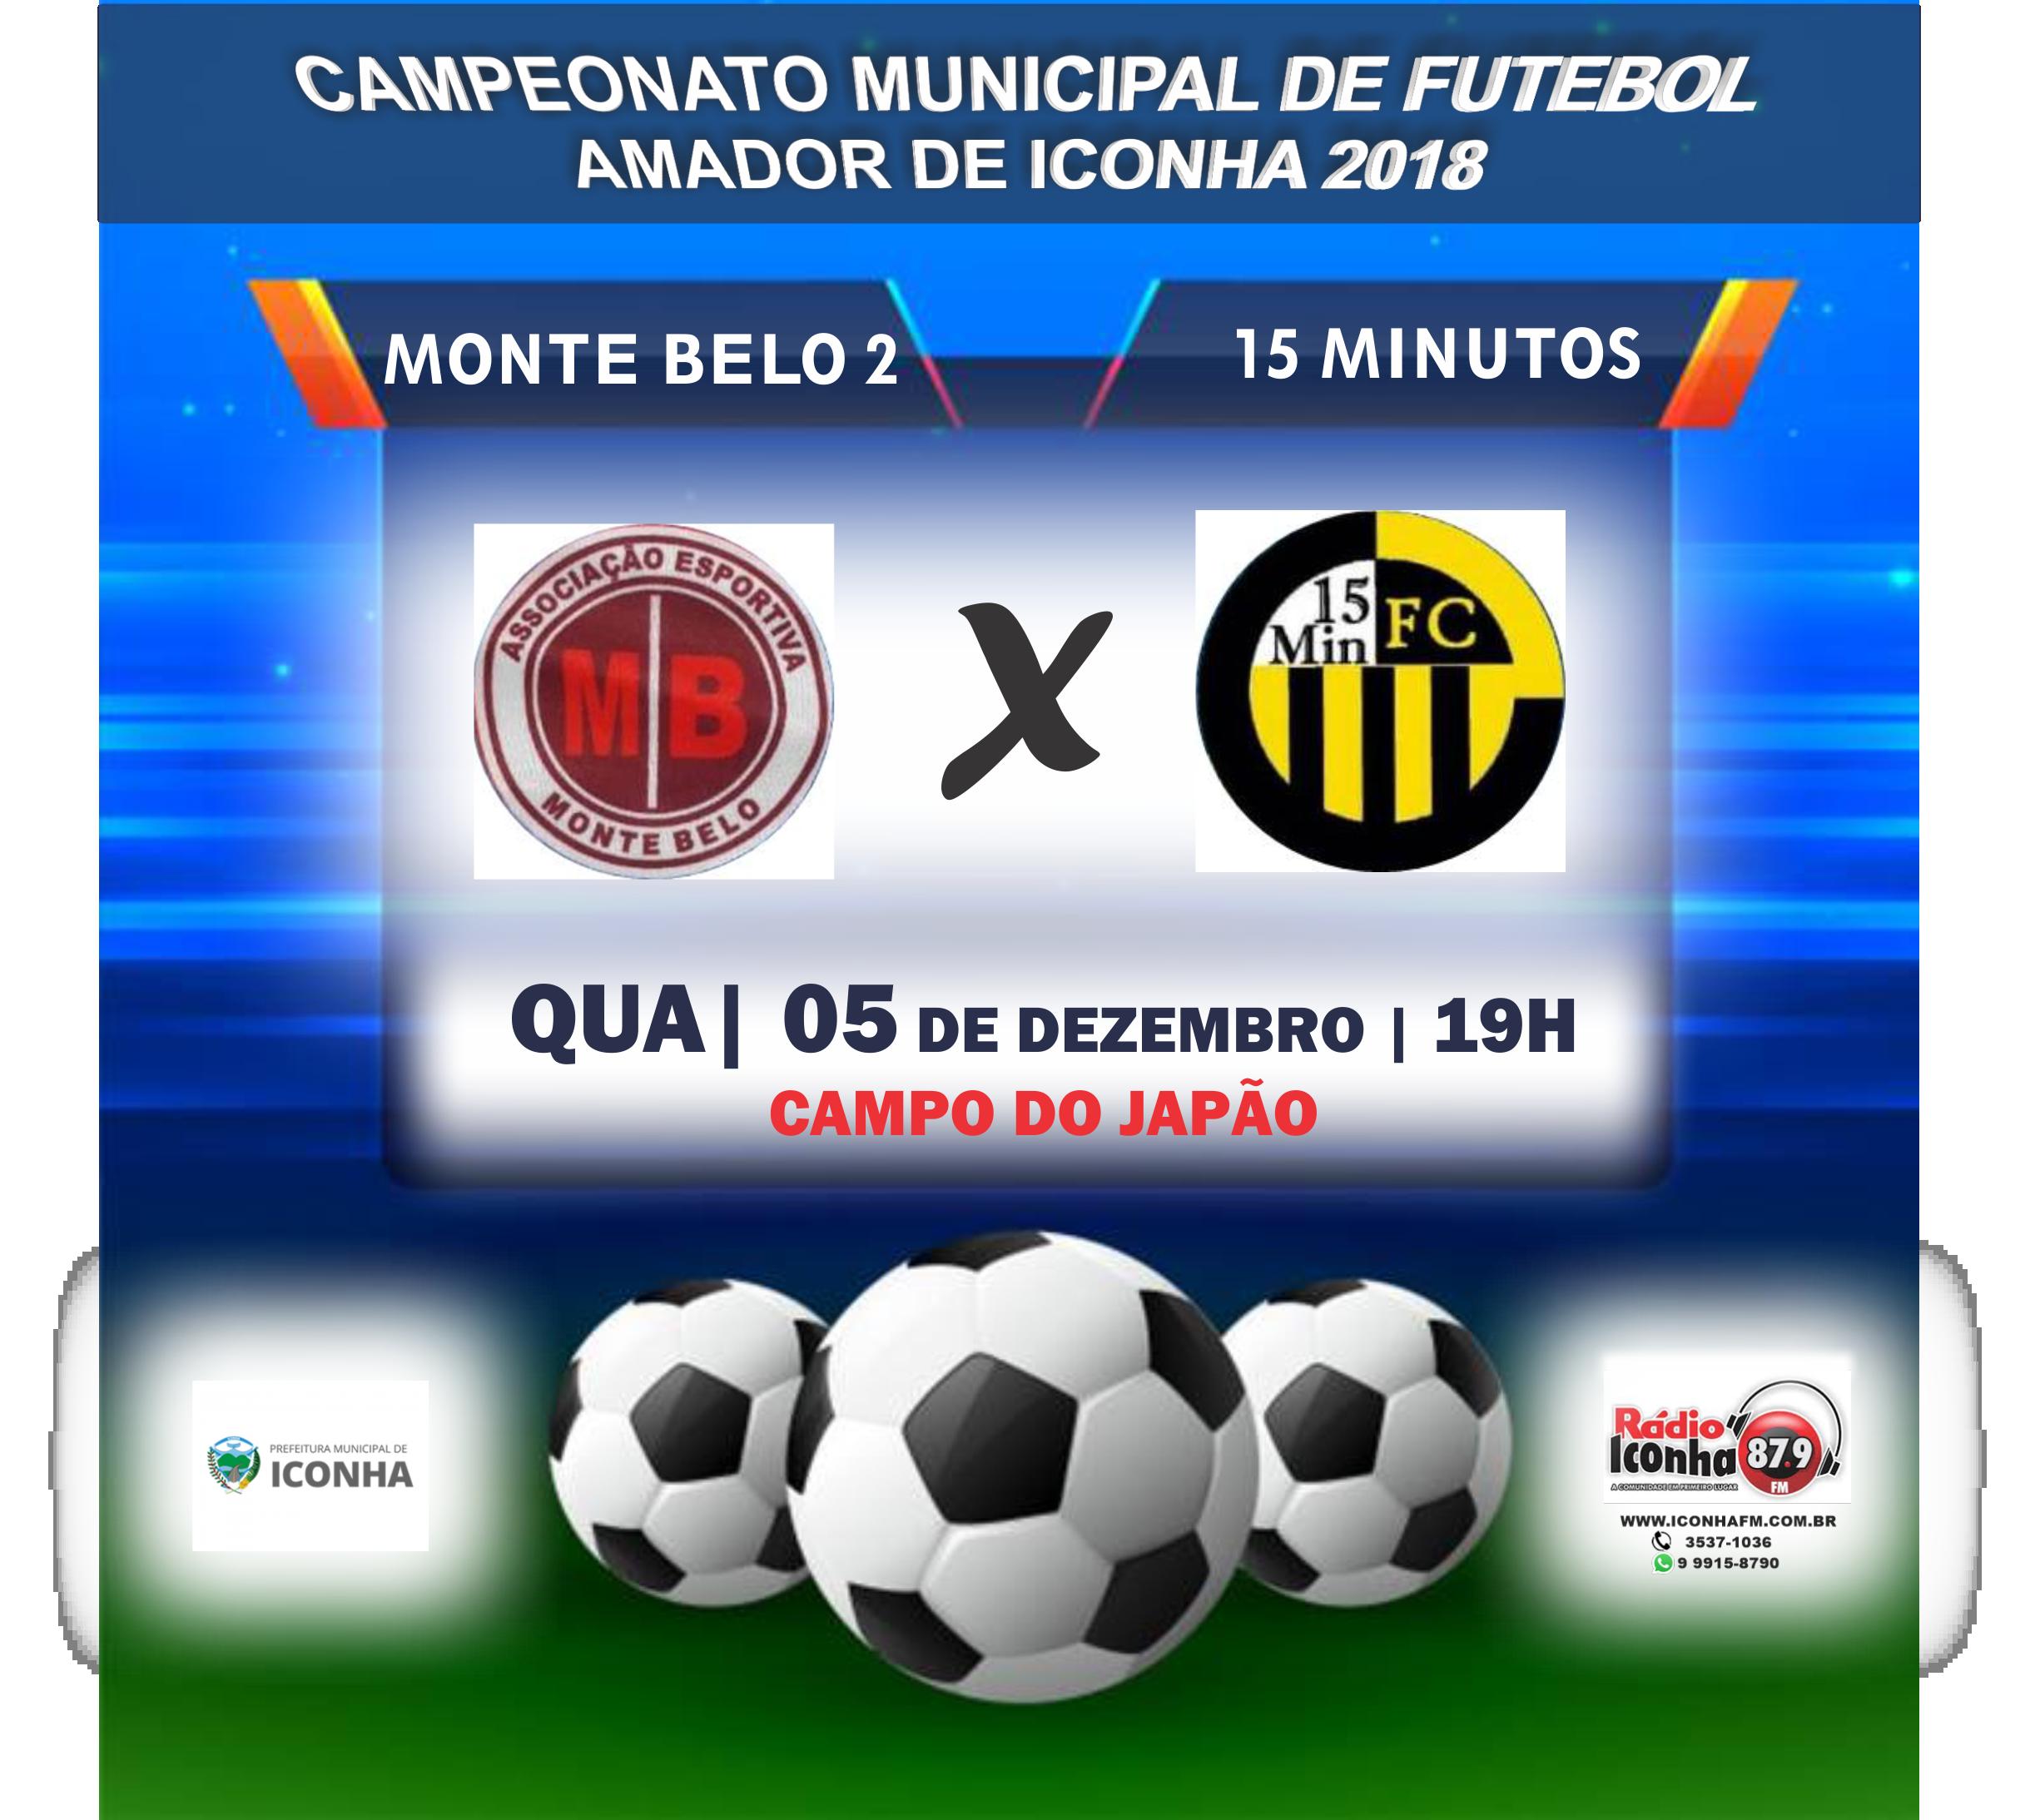 Em jogo de extremos, Monte Belo 2 joga contra 15 Minutos para se manter vivo no campeonato